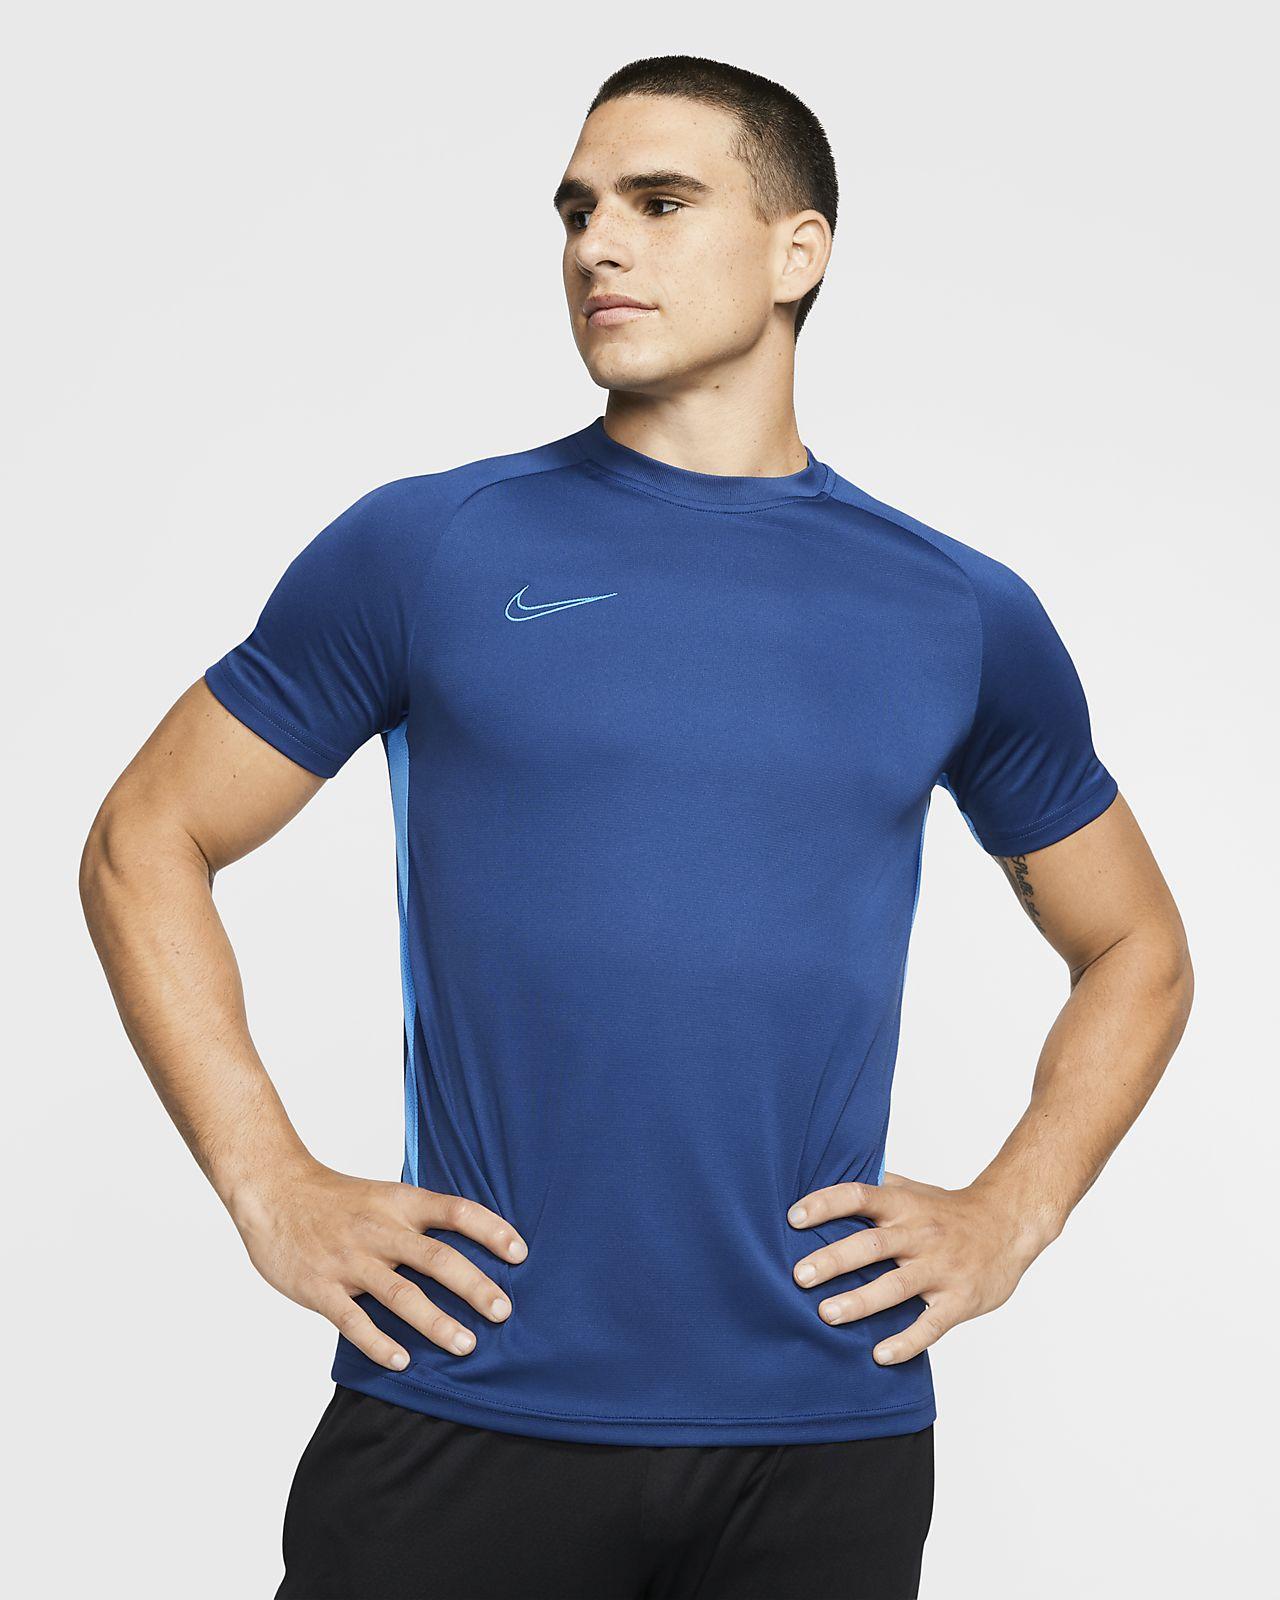 เสื้อฟุตบอลแขนสั้นผู้ชาย Nike Dri-FIT Academy